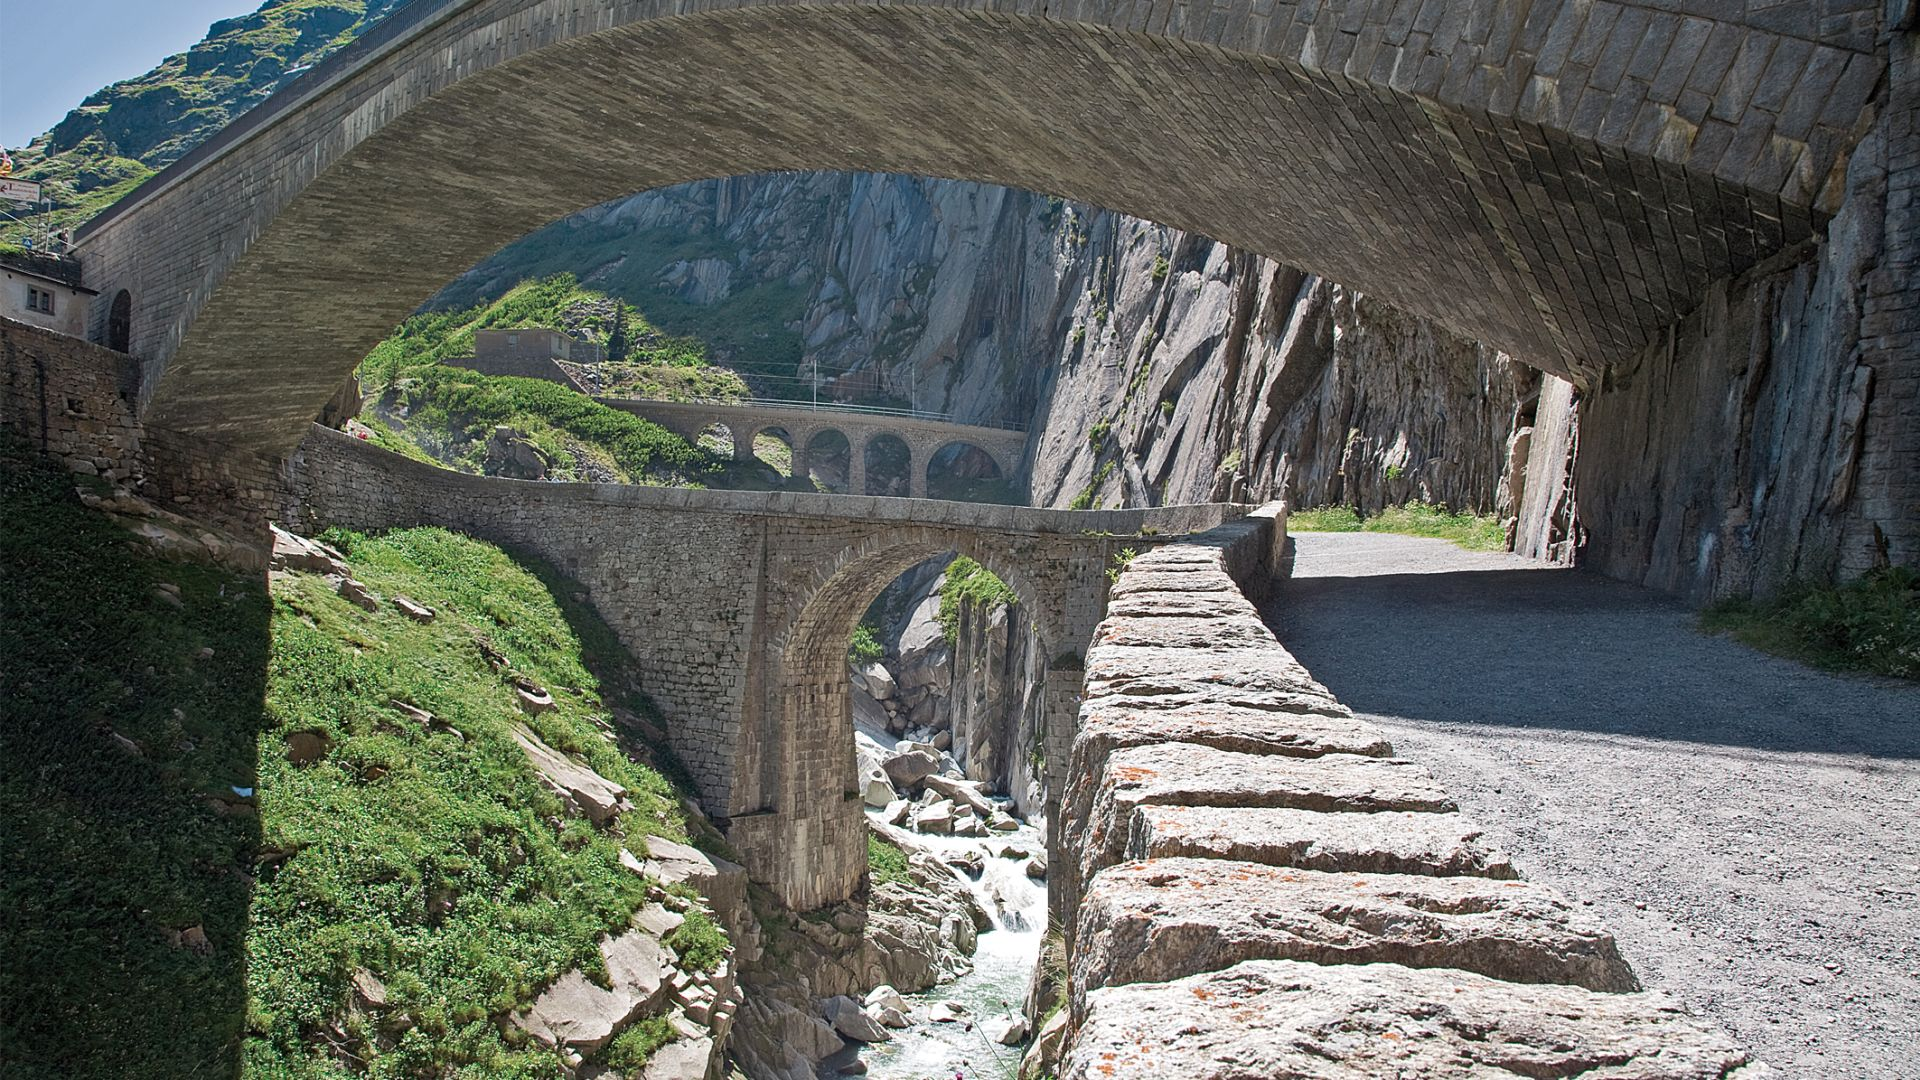 Андерматт (Andermatt), Швейцария - путеводитель по городу. Достопримечательности Андерматта - памятник Суворову, Чертов мост. Перевал Сент-Готтард.